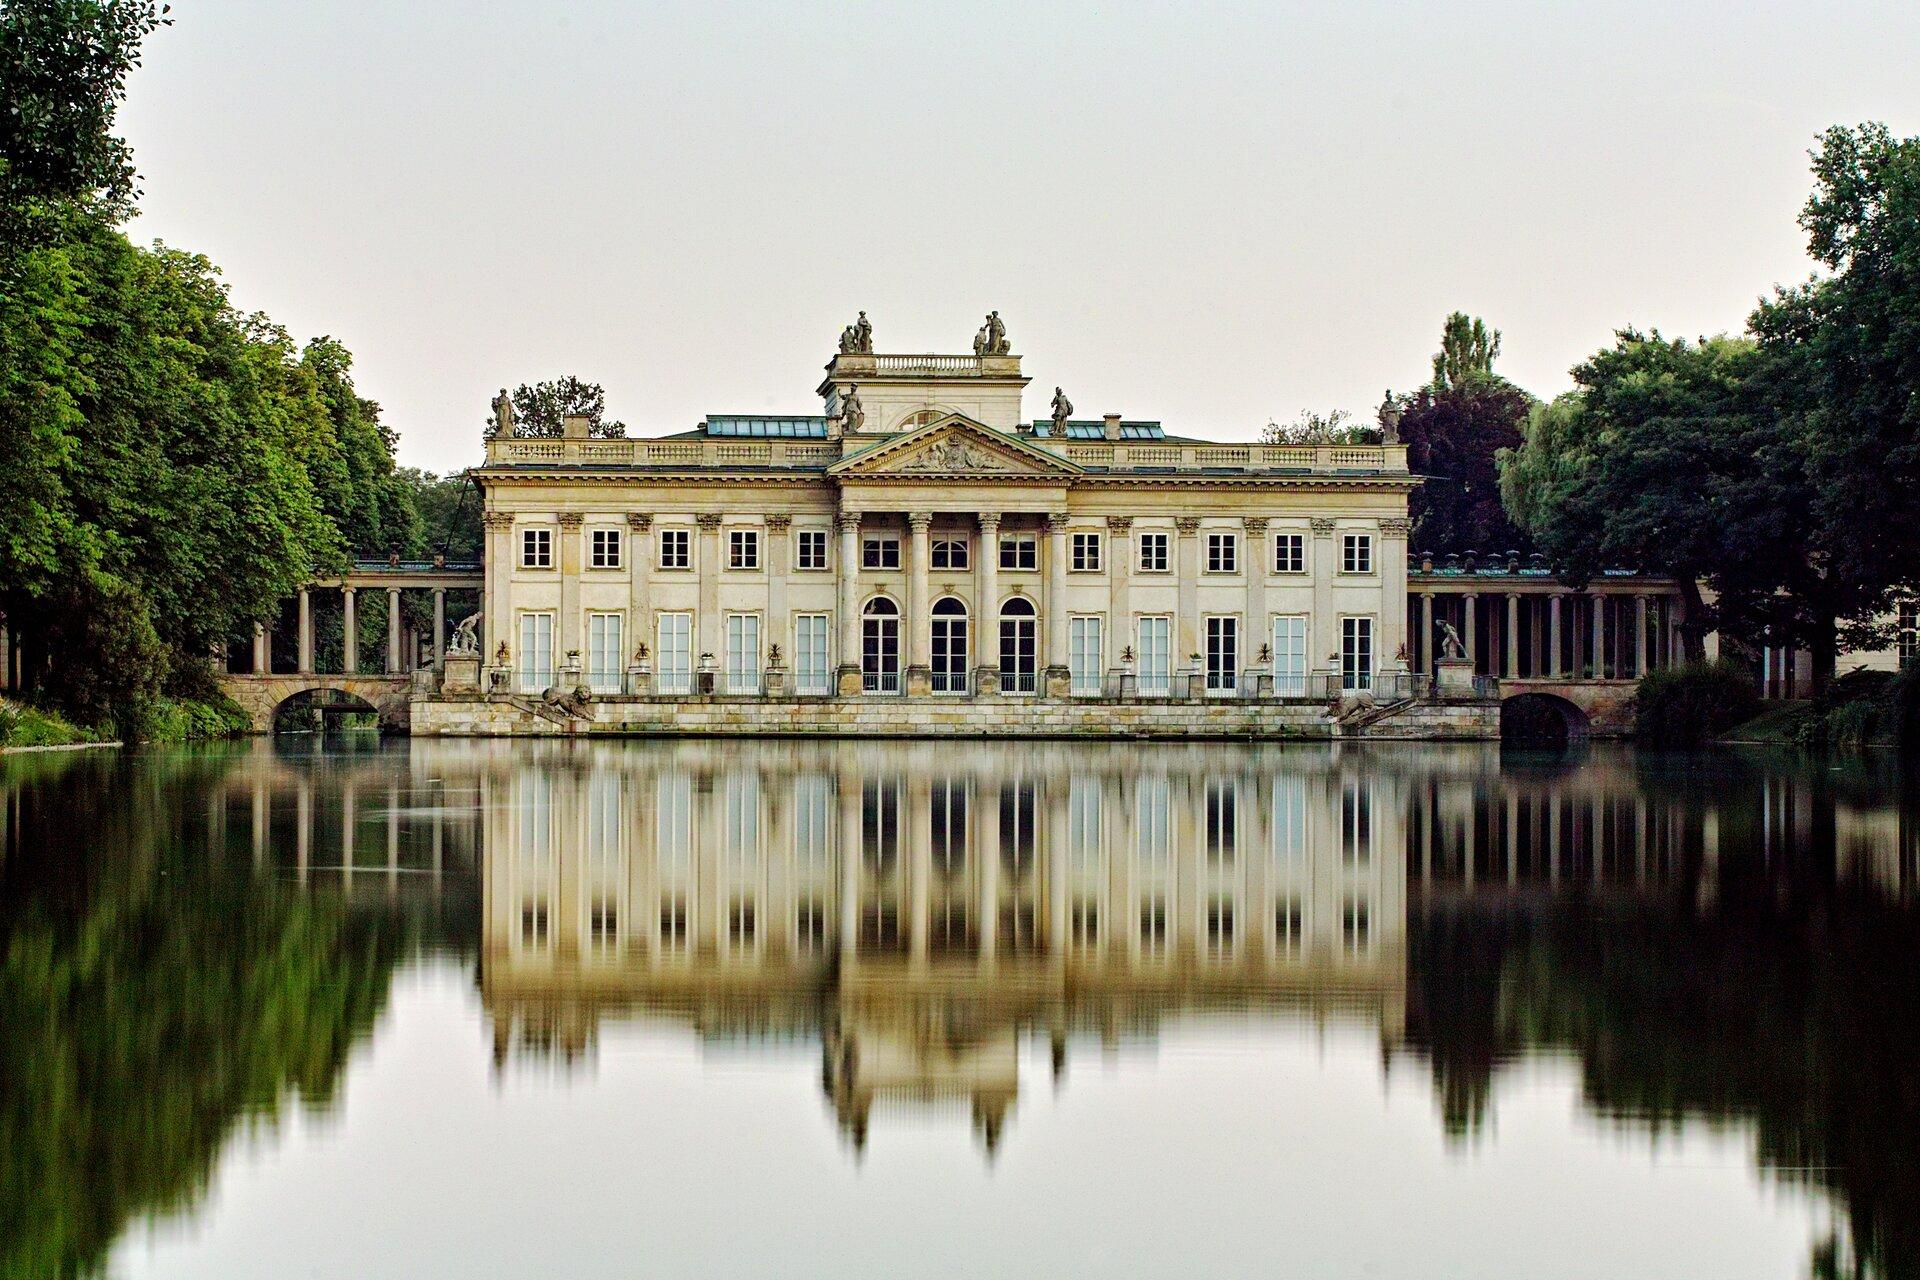 Pałac na Wodzie. Łazienki Królewskie wWarszawie Źródło: fot. Artur Malinowski, Pałac na Wodzie. Łazienki Królewskie wWarszawie, 2012, licencja: CC BY 2.0.